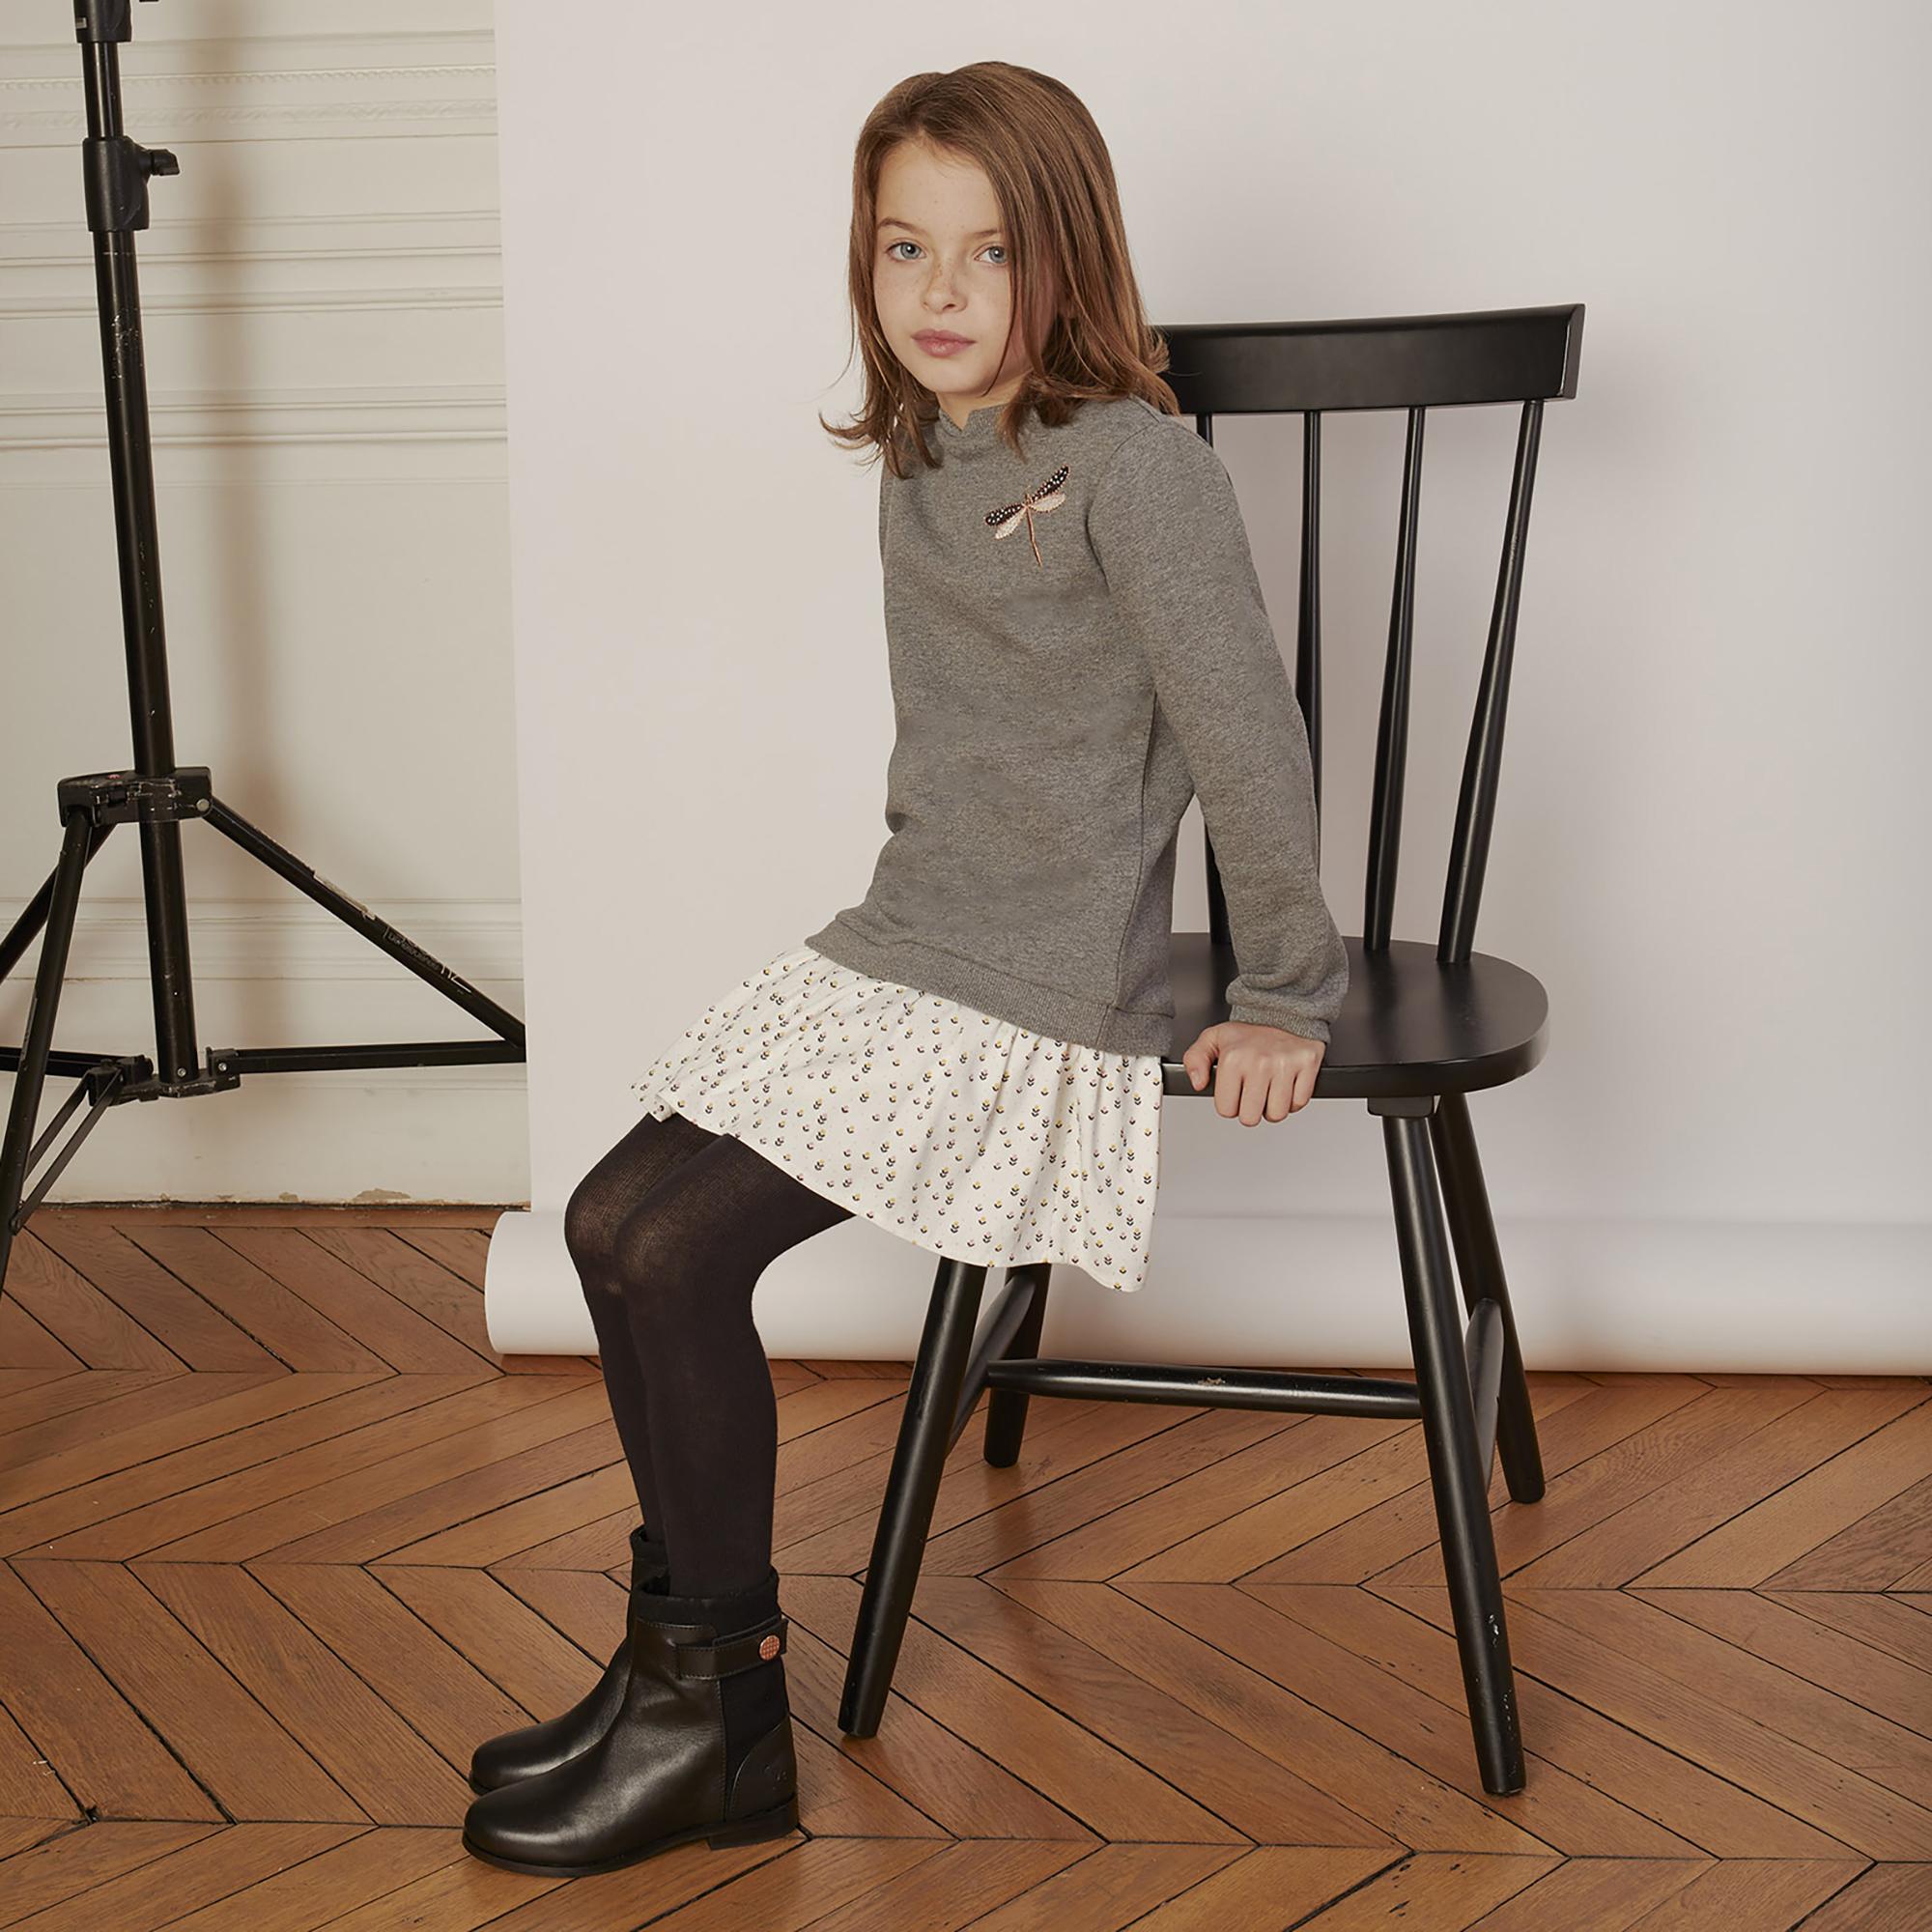 Gwendoline Lefeuvre ⎮ Graphisme & Design textile à Nantes ⎮ Carrément Beau marque de vêtements Enfants imprimé minimaliste